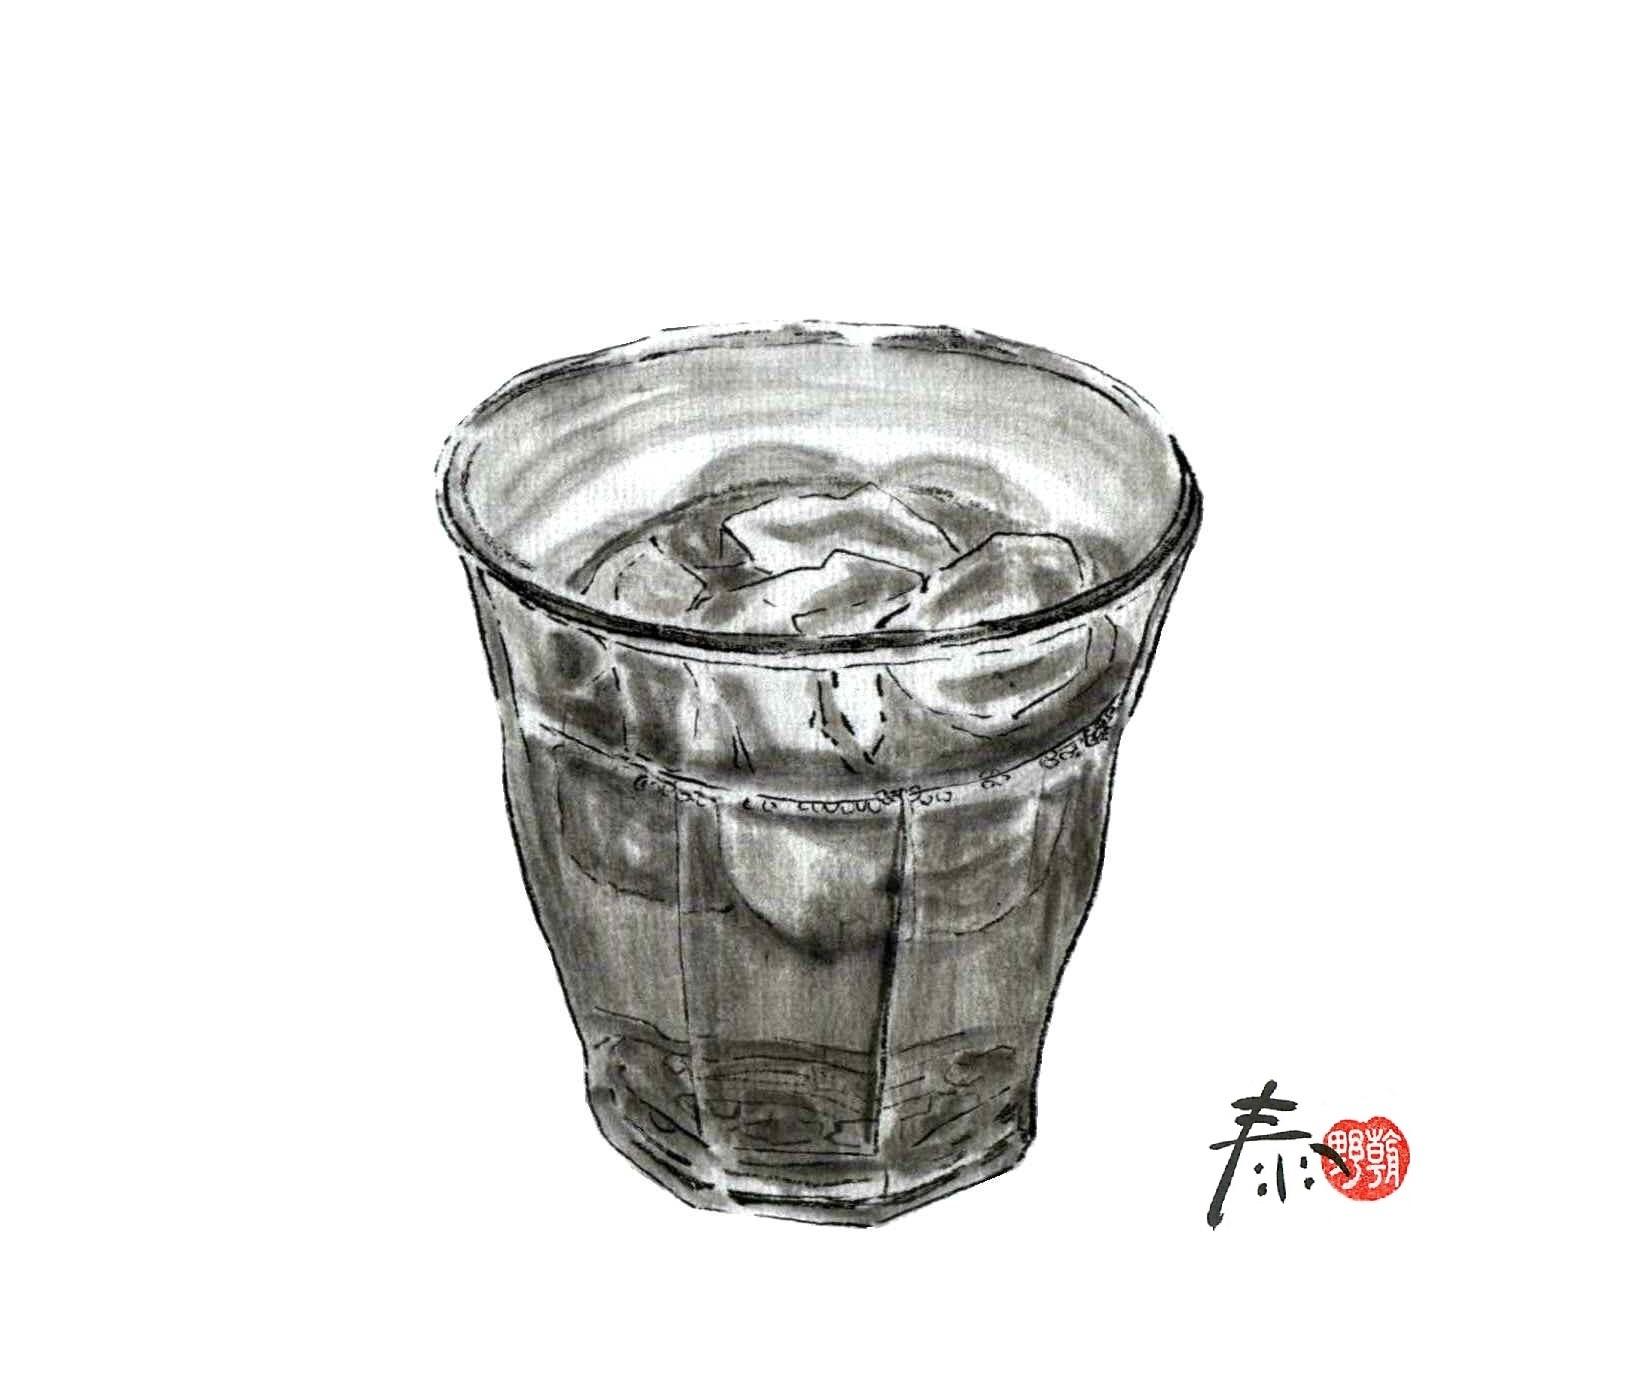 /// あと2杯、健康のため水を ///朝野家・香りの散歩道2020.7.8放送分_f0112434_18141797.jpg